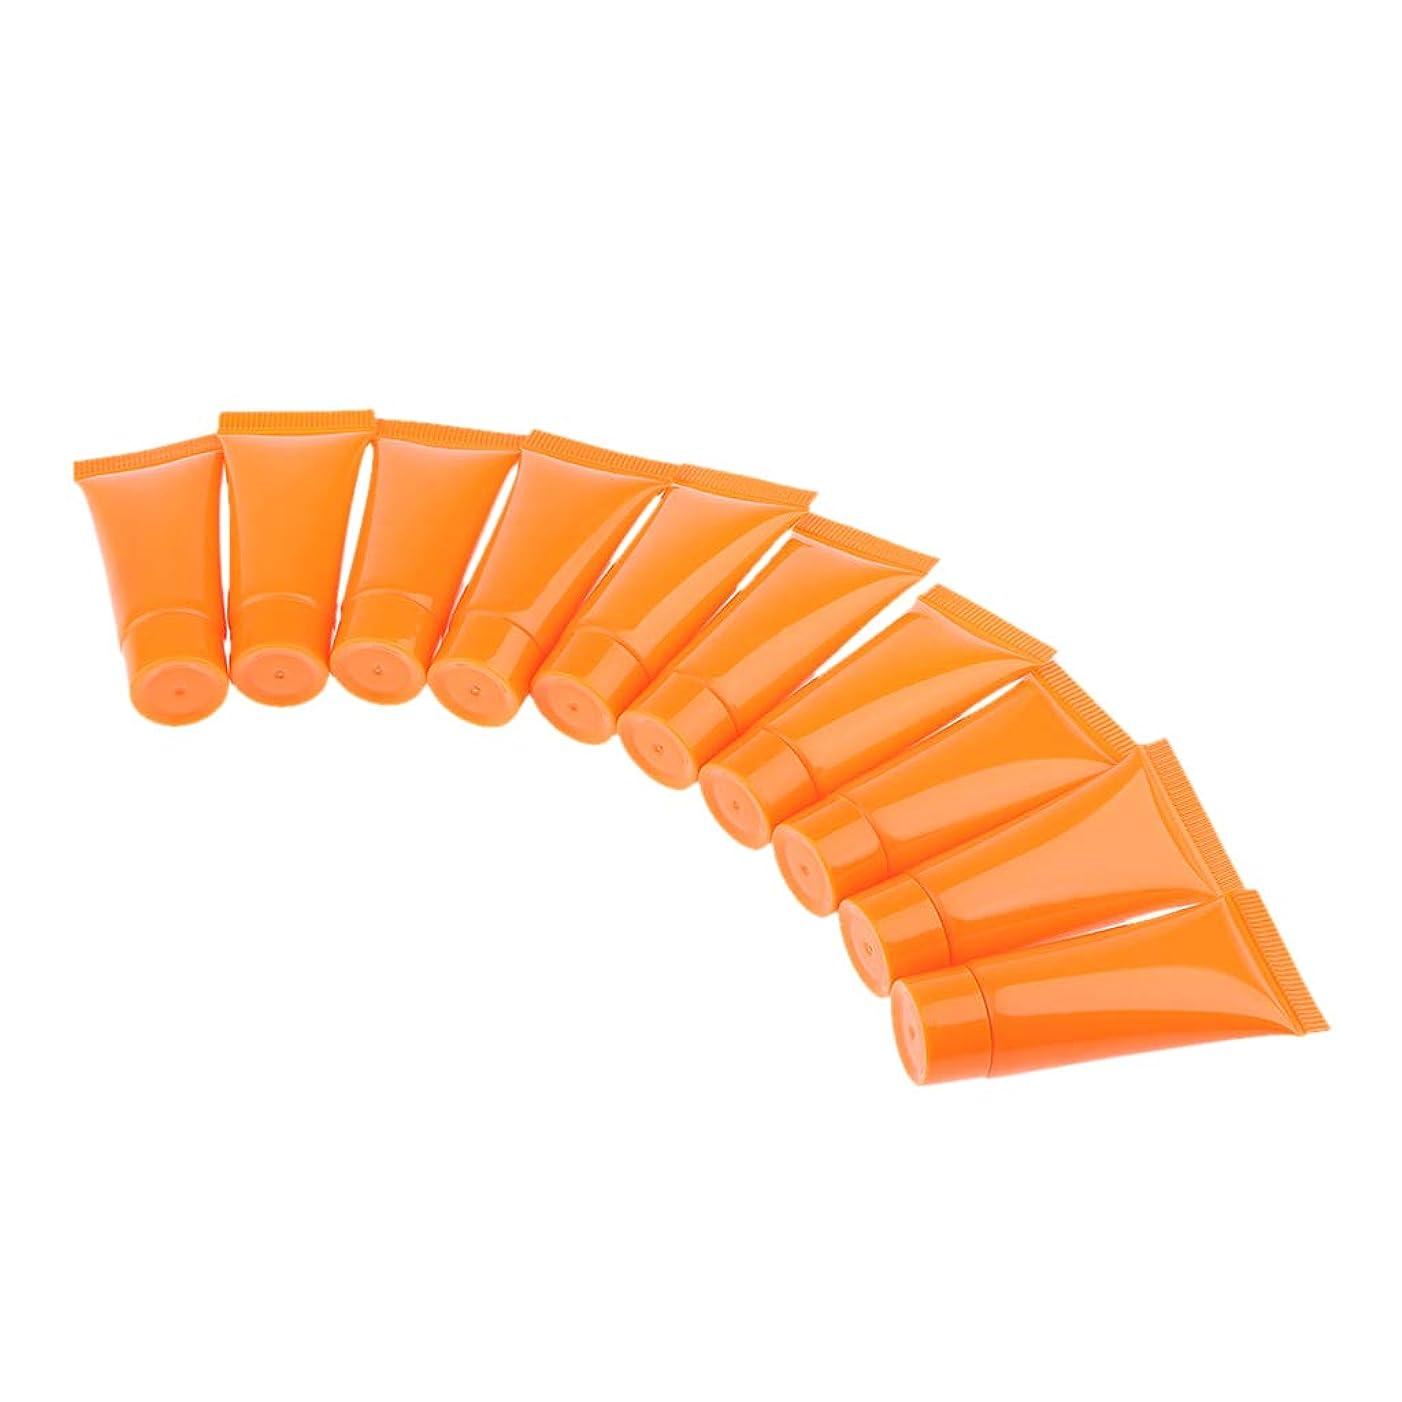 週間ロビー平凡B Blesiya 10個 メイクアップ 化粧品チューブ ローション クリーム  再利用可 エコ 3色選べ - オレンジ